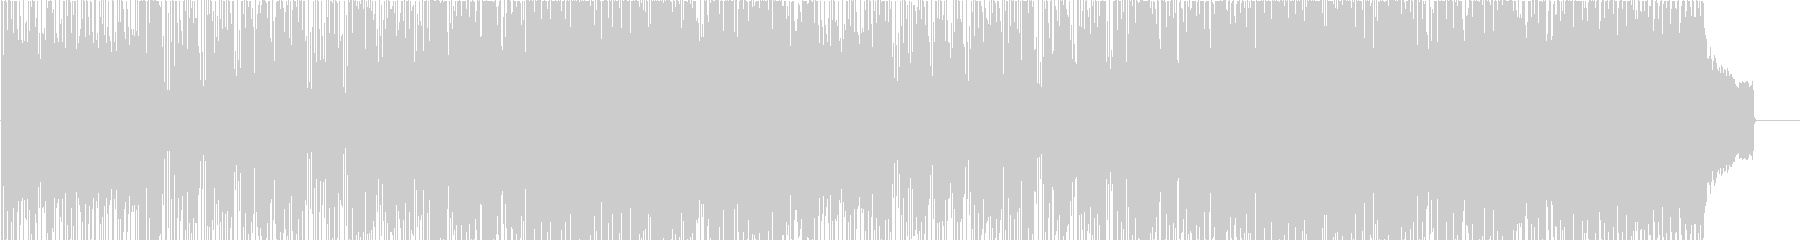 キケンなサマーブリーズの未再生の波形